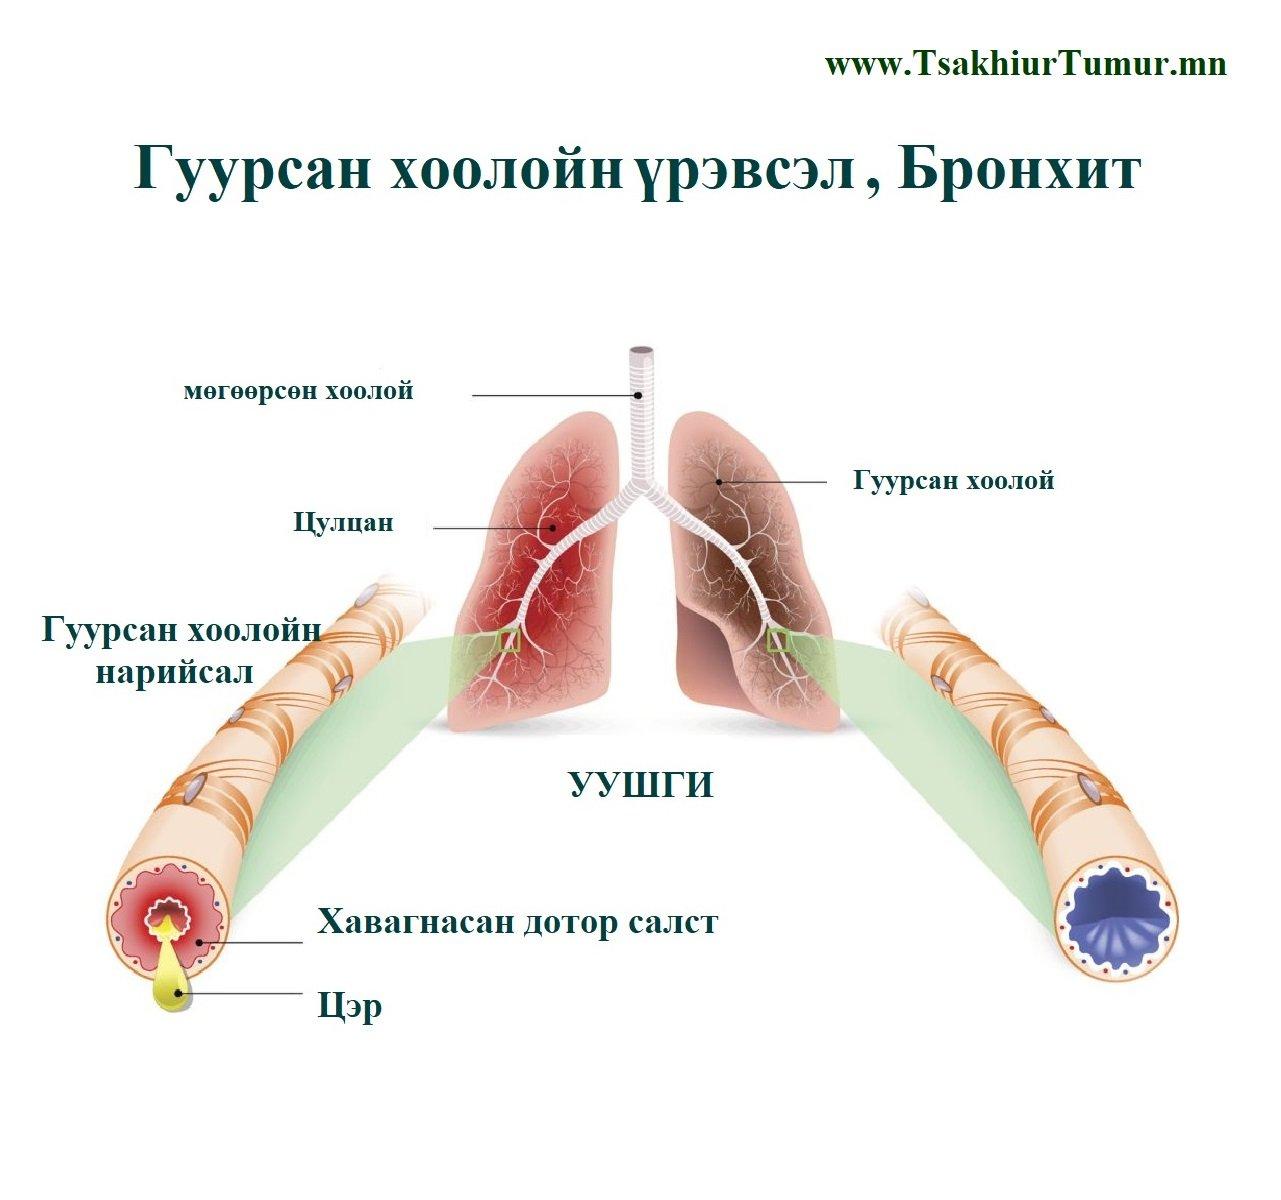 Гуурсан хоолойн бачуурал буюу уушгины бронхитын үеийн гэрээр авах арга хэмжээ